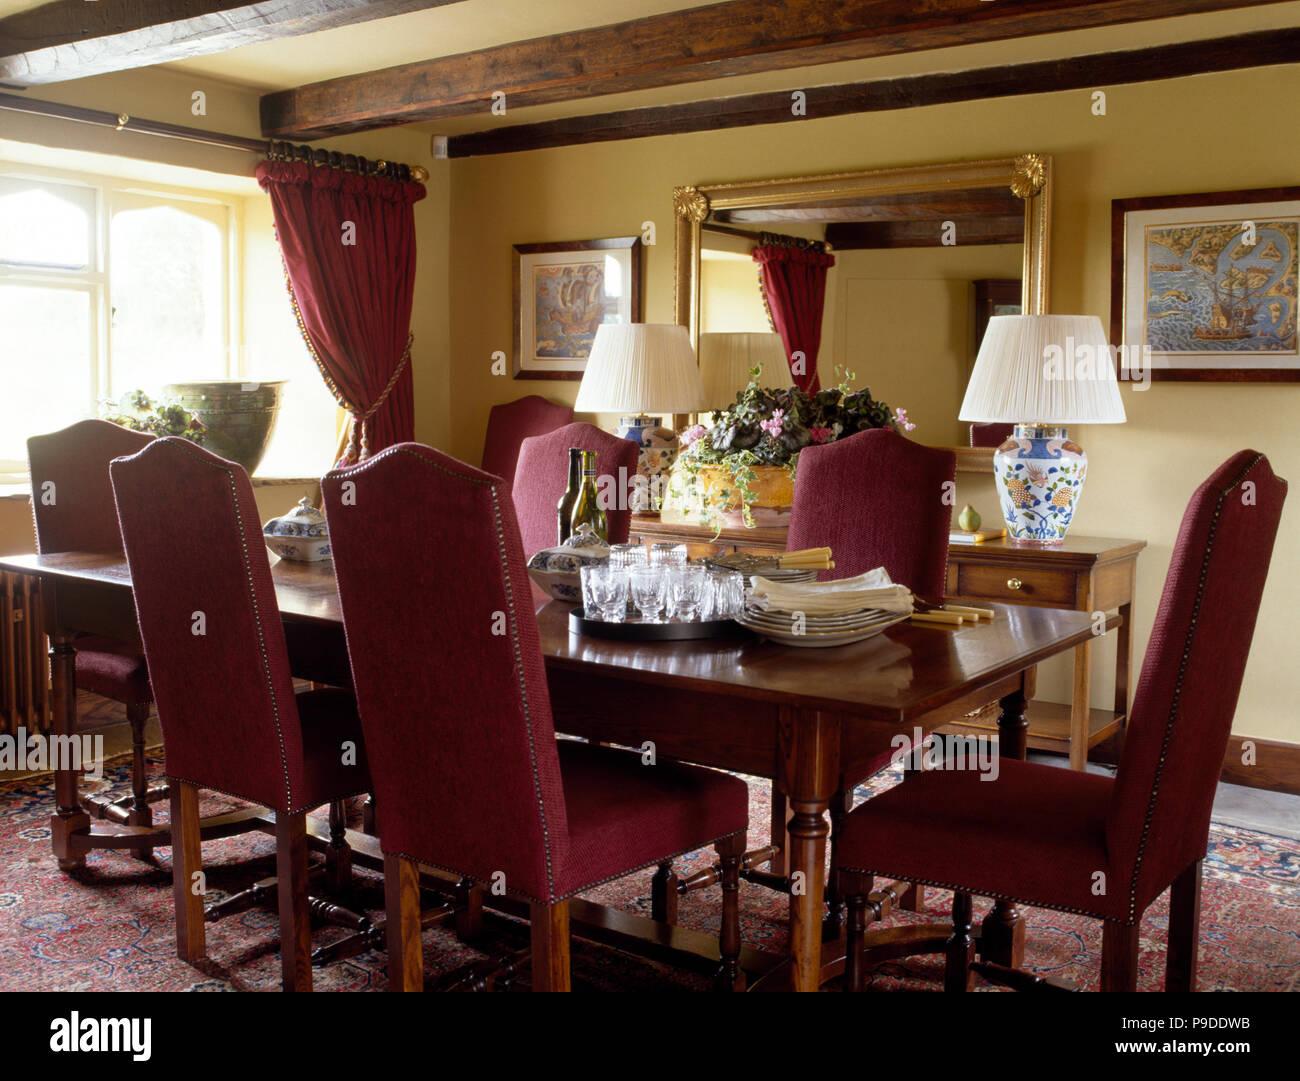 Rosso Scuro Sedie Imbottite A Tavola In Un Giallo Pallido Cottage Sala Da Pranzo Foto Stock Alamy